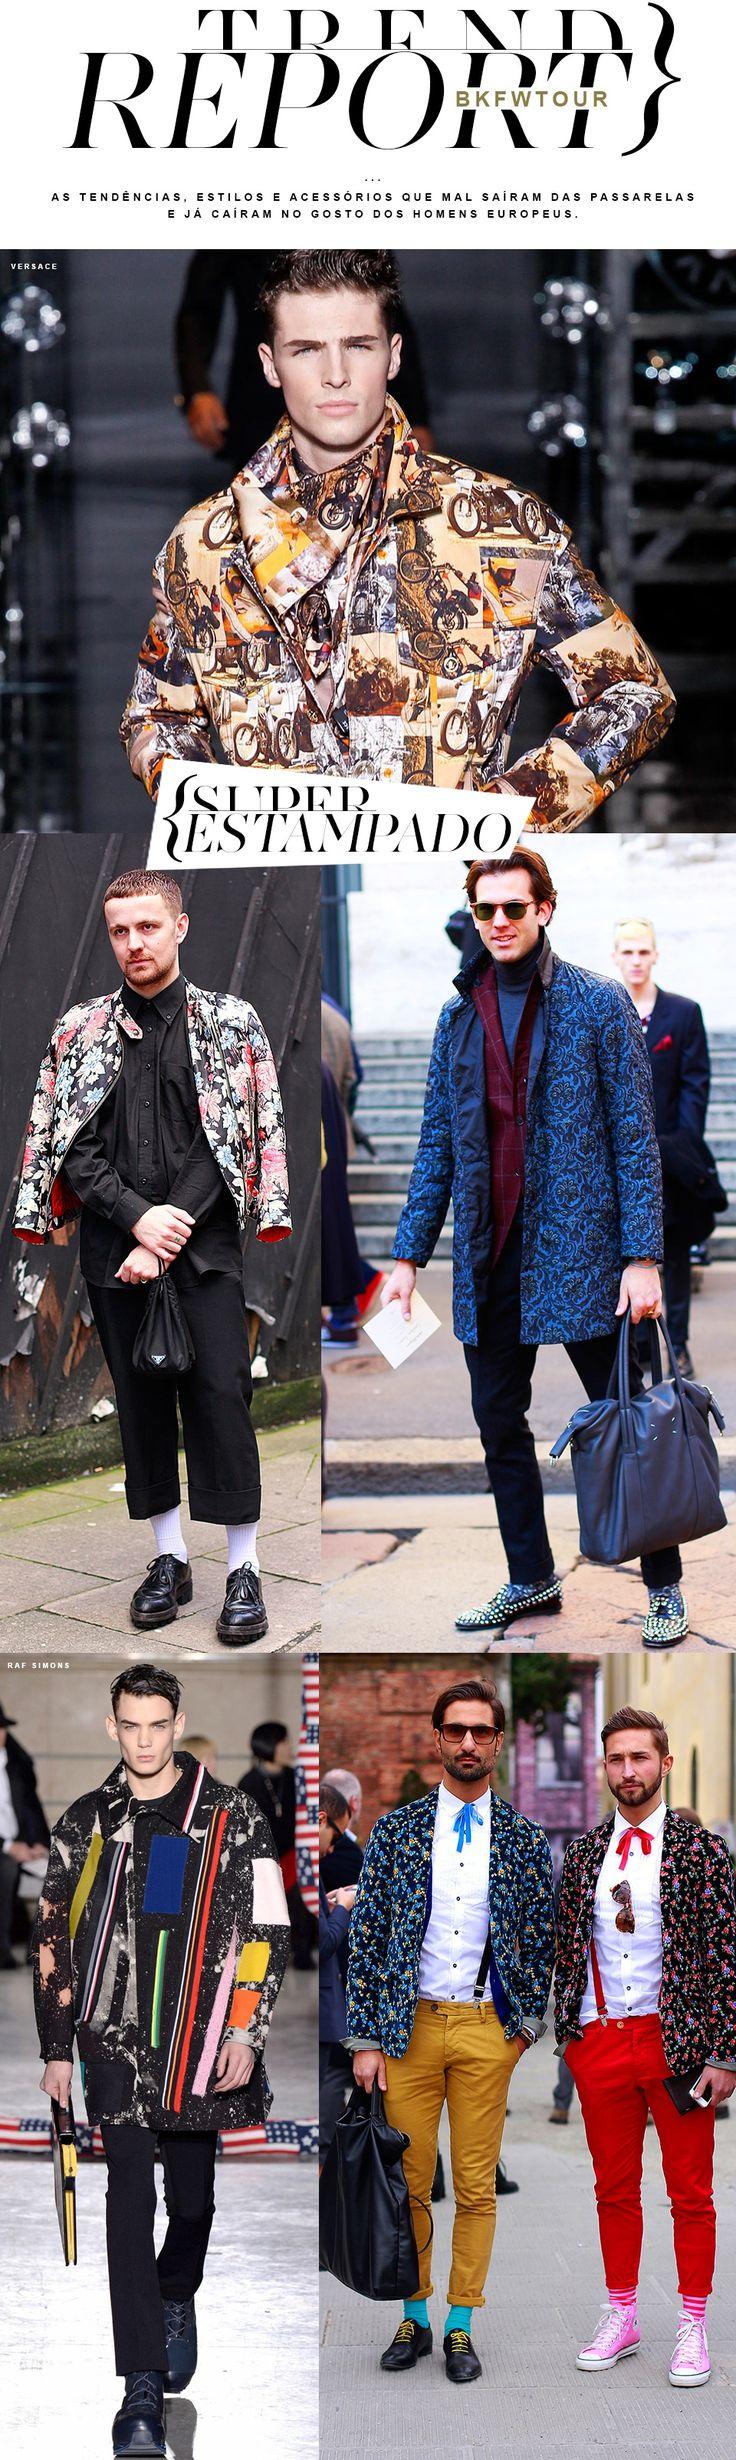 Matéria sobre as tendências da moda masculina disponível no Blog no Kadu